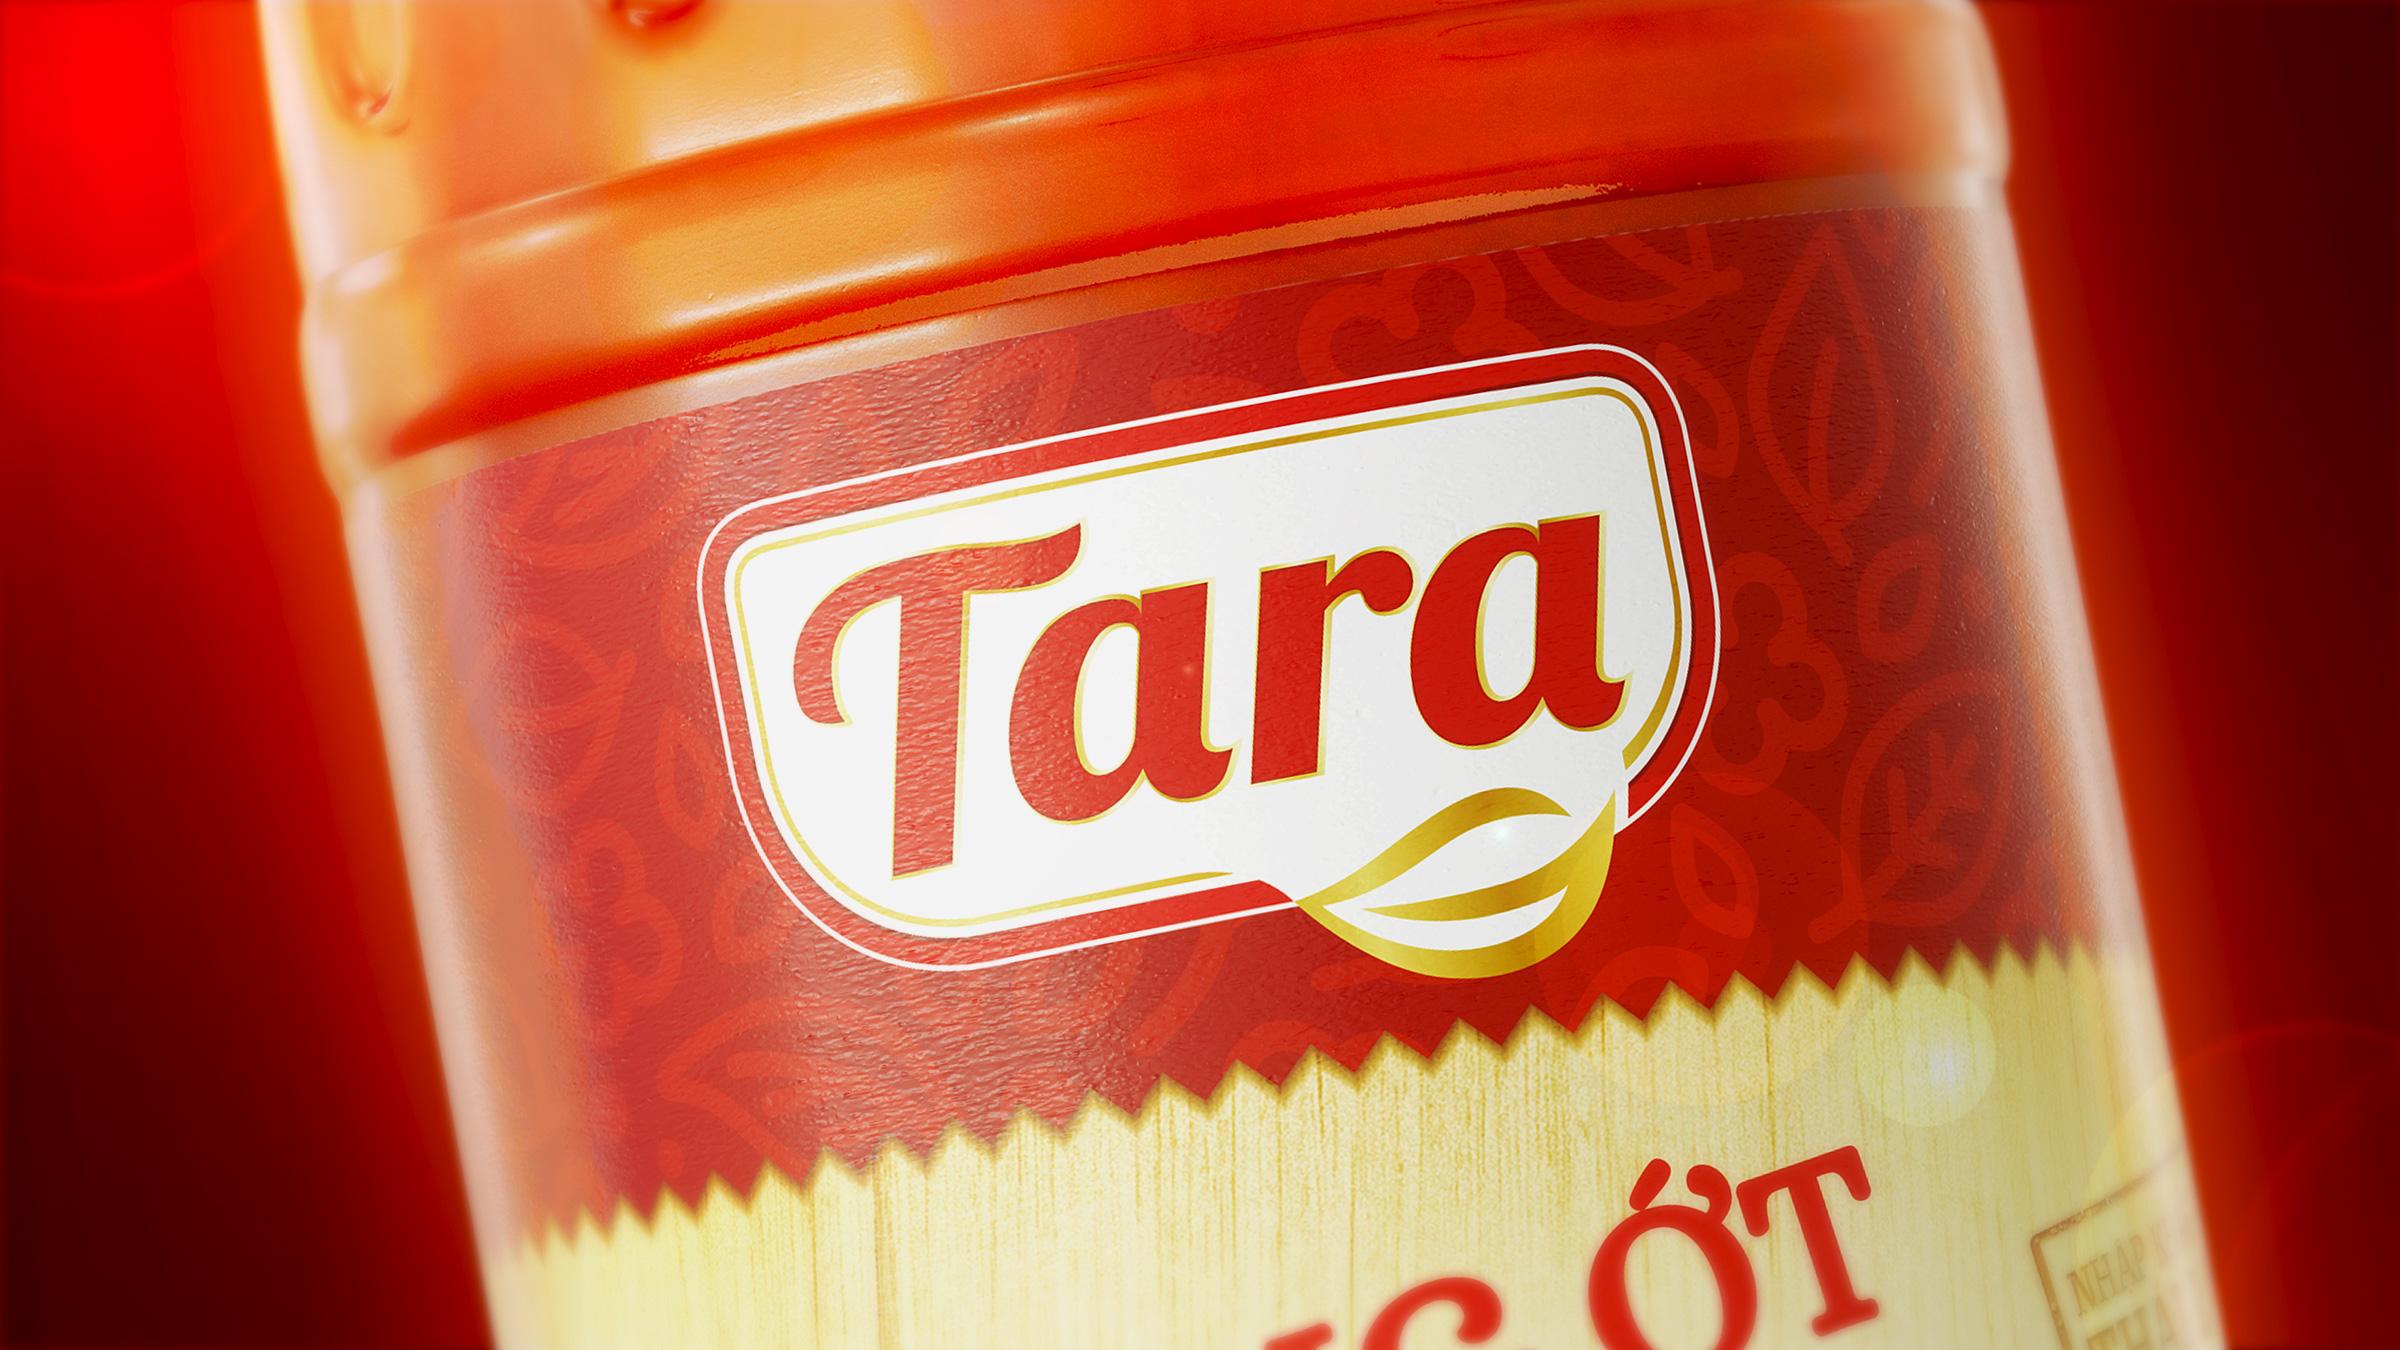 brand portfolio Tara Chili Sauce